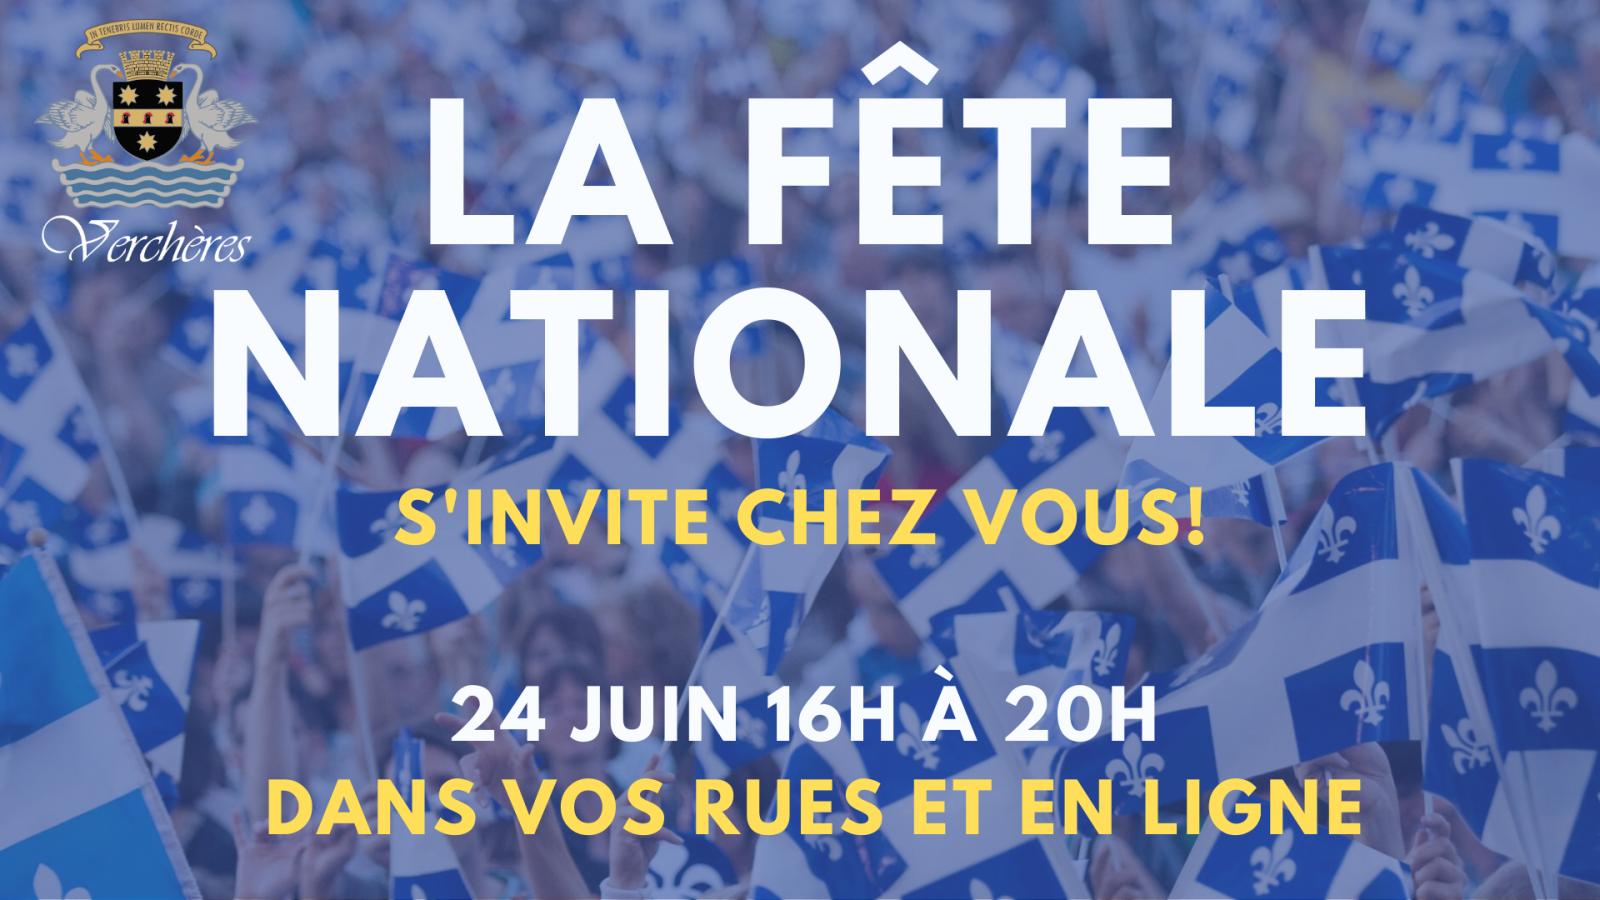 La Fête nationale s'invite dans les rues de Verchères